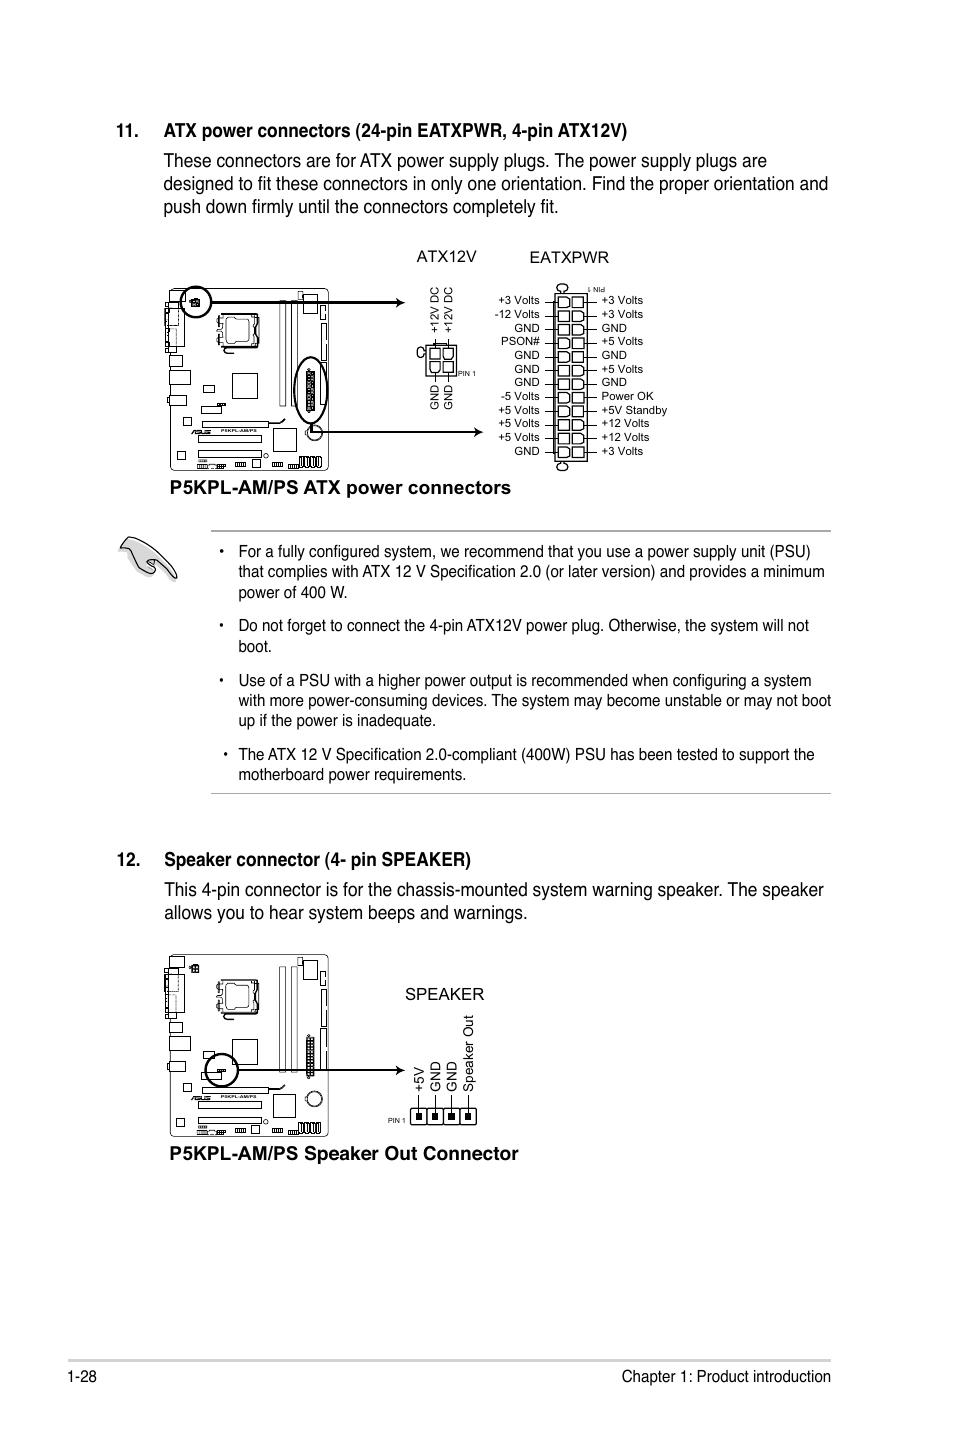 P5kpl Ps Atx Power Connectors  P5kpl Ps Speaker Out